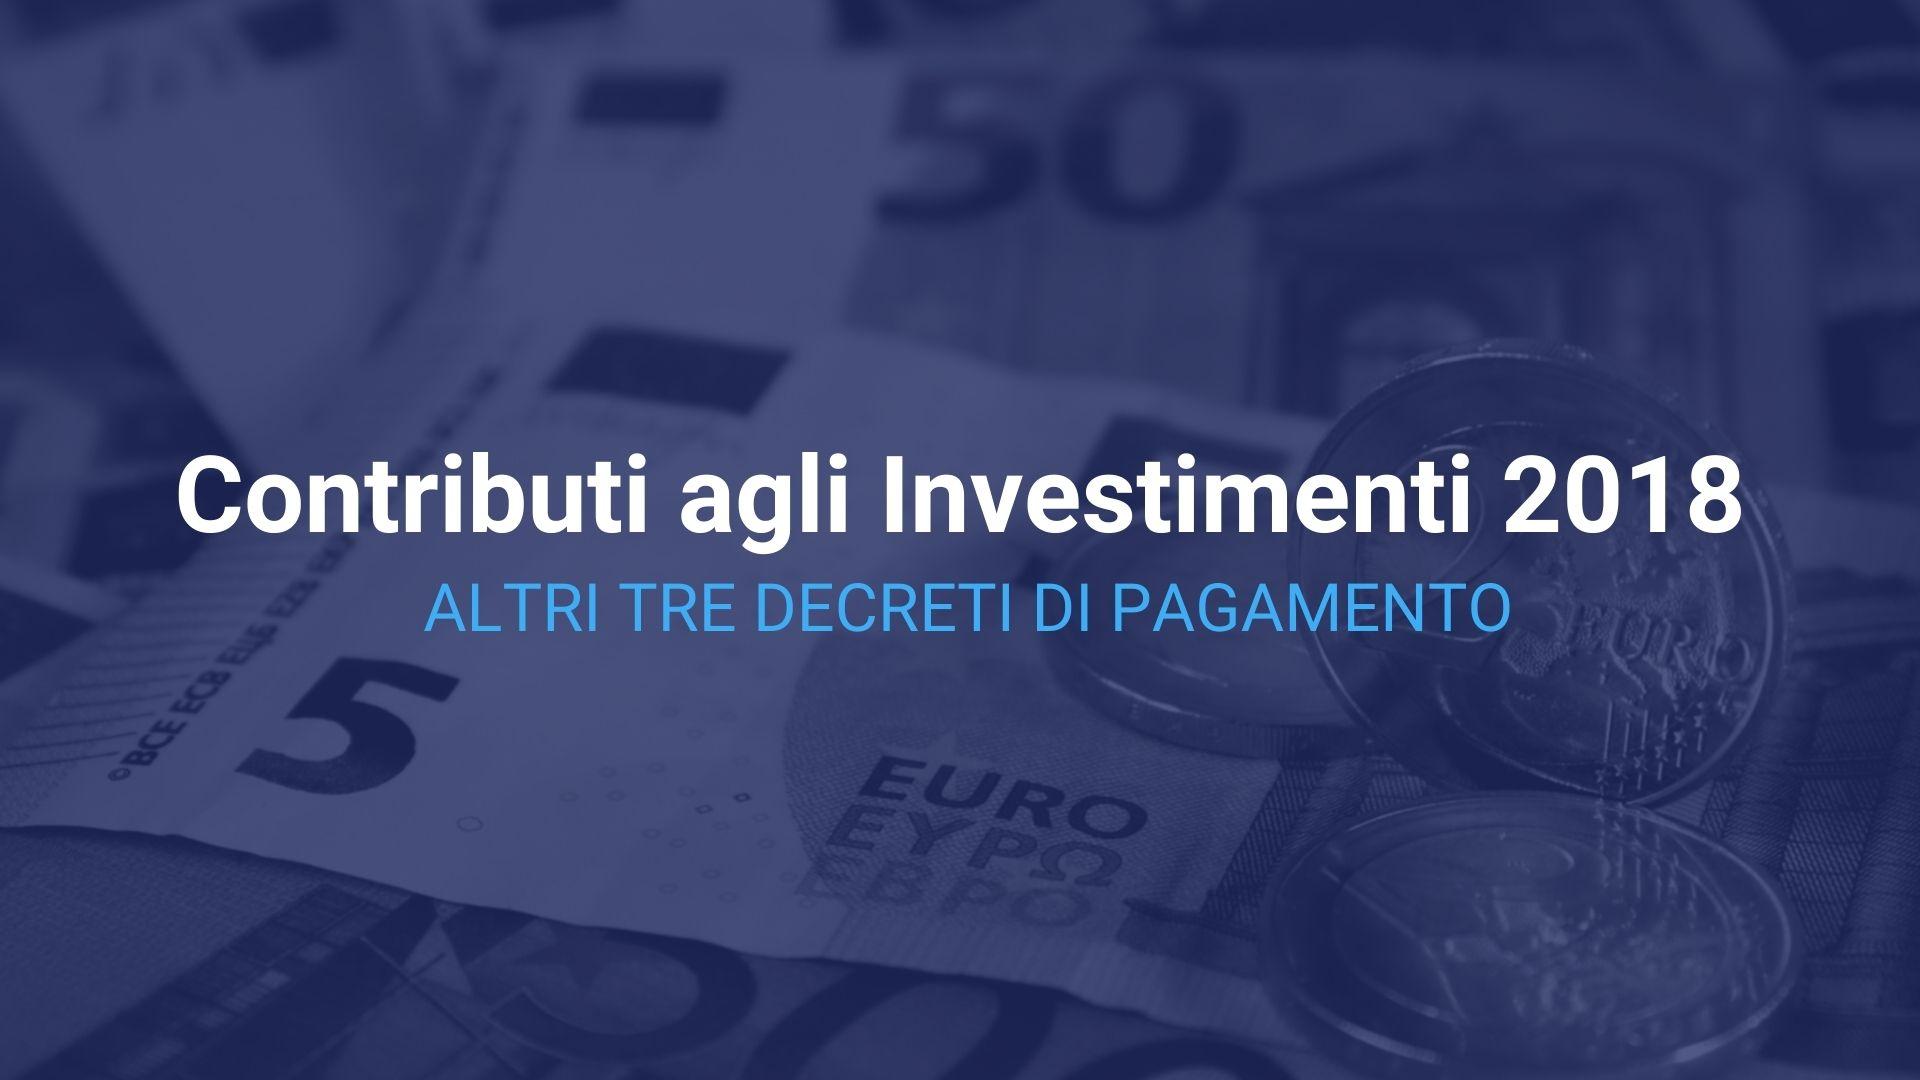 Investimenti 2018 Altri tre decreti di pagamento v2.